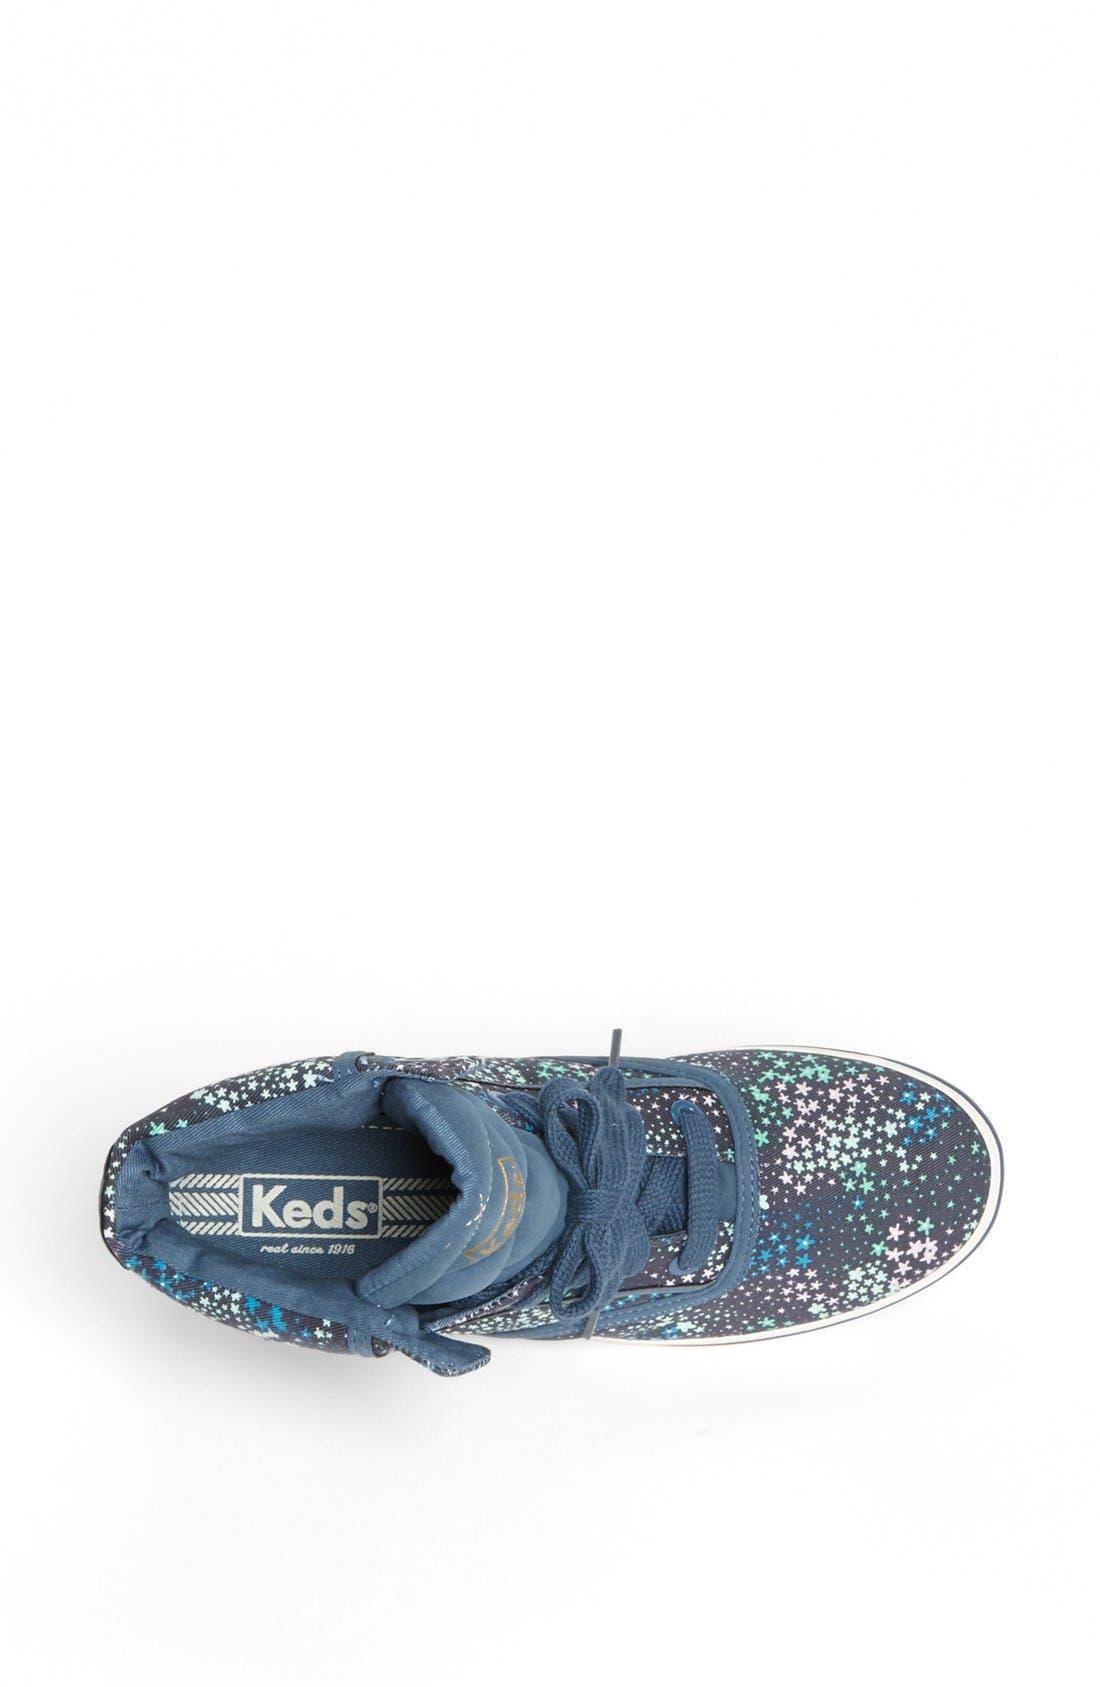 Alternate Image 3  - Keds® 'Rookie' Wedge High Top Sneaker (Women)